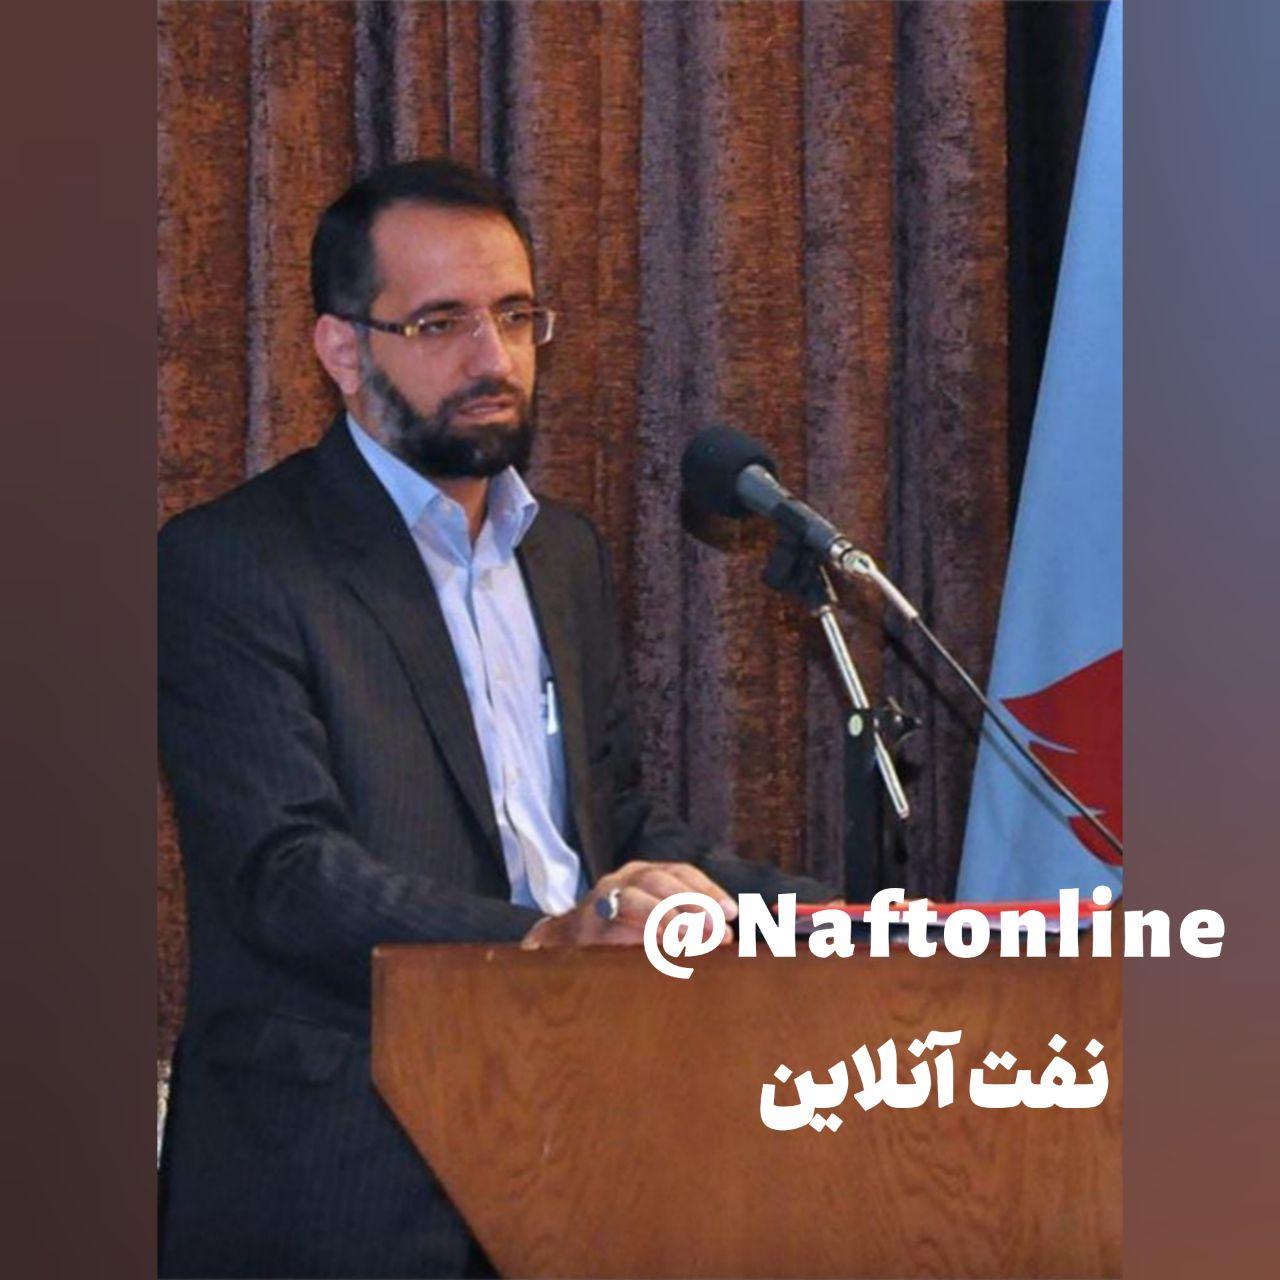 سید عباس بهشتی حراست نفت